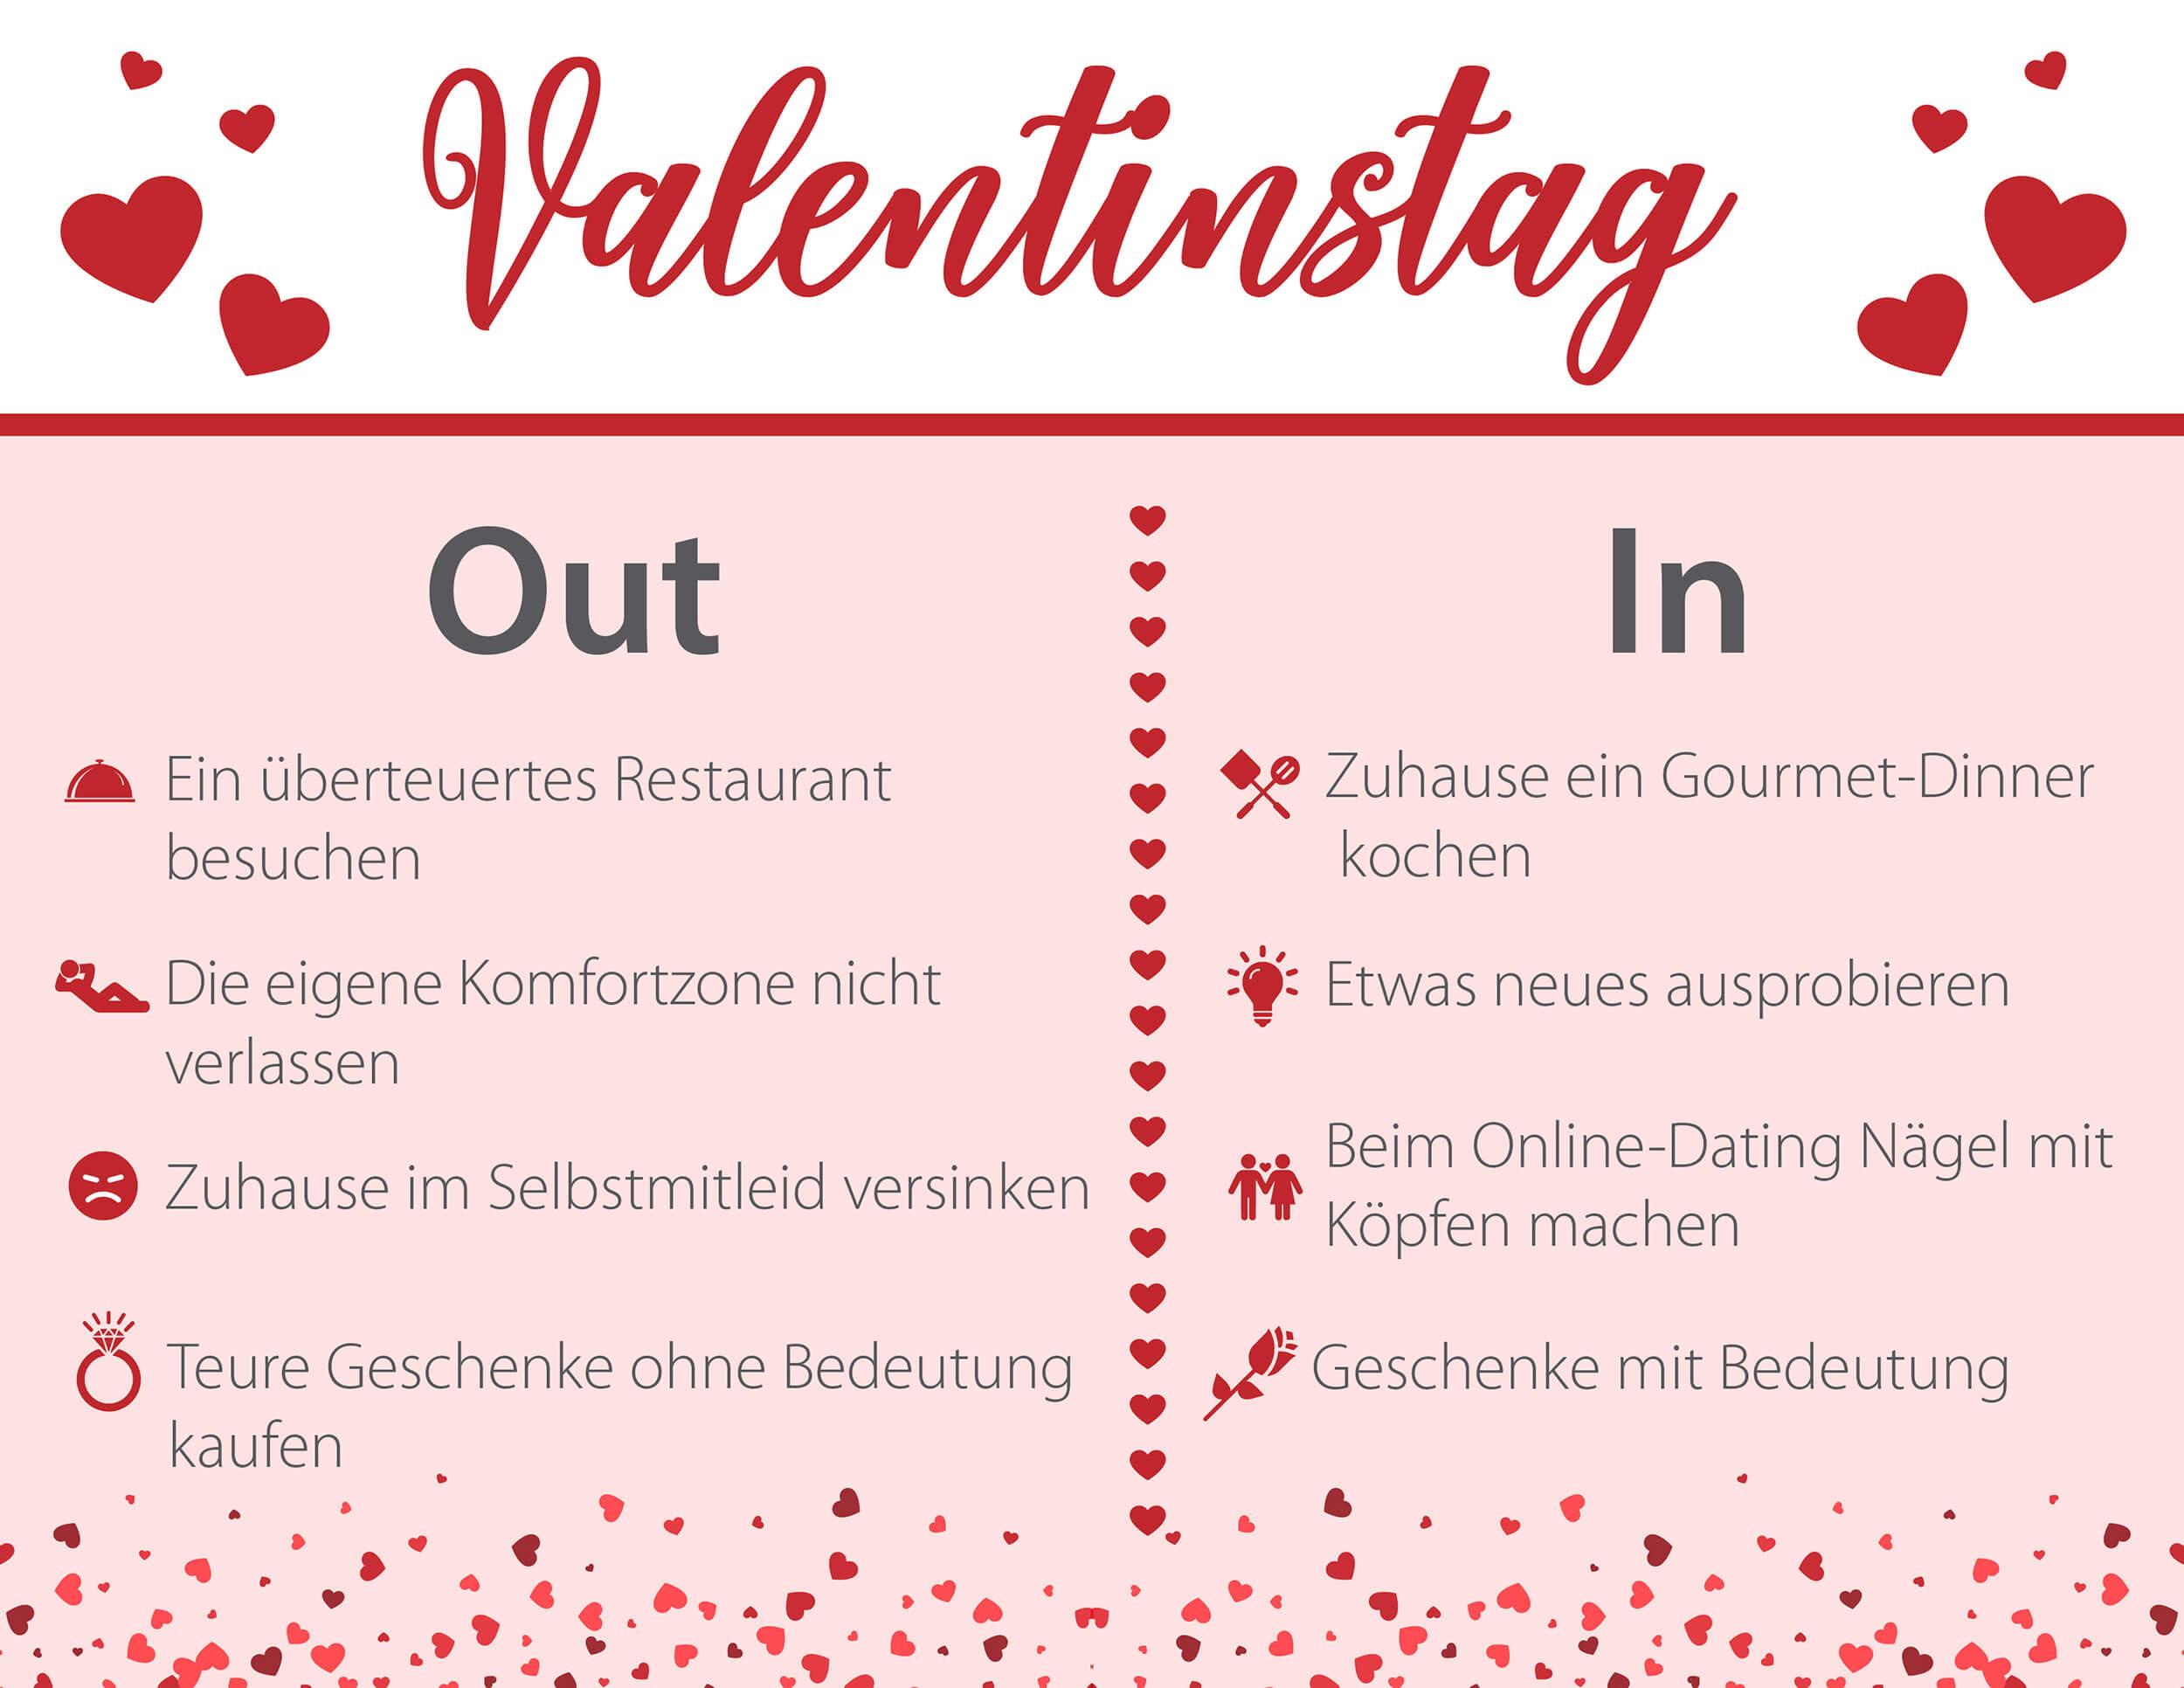 Valentinstag ist der tag